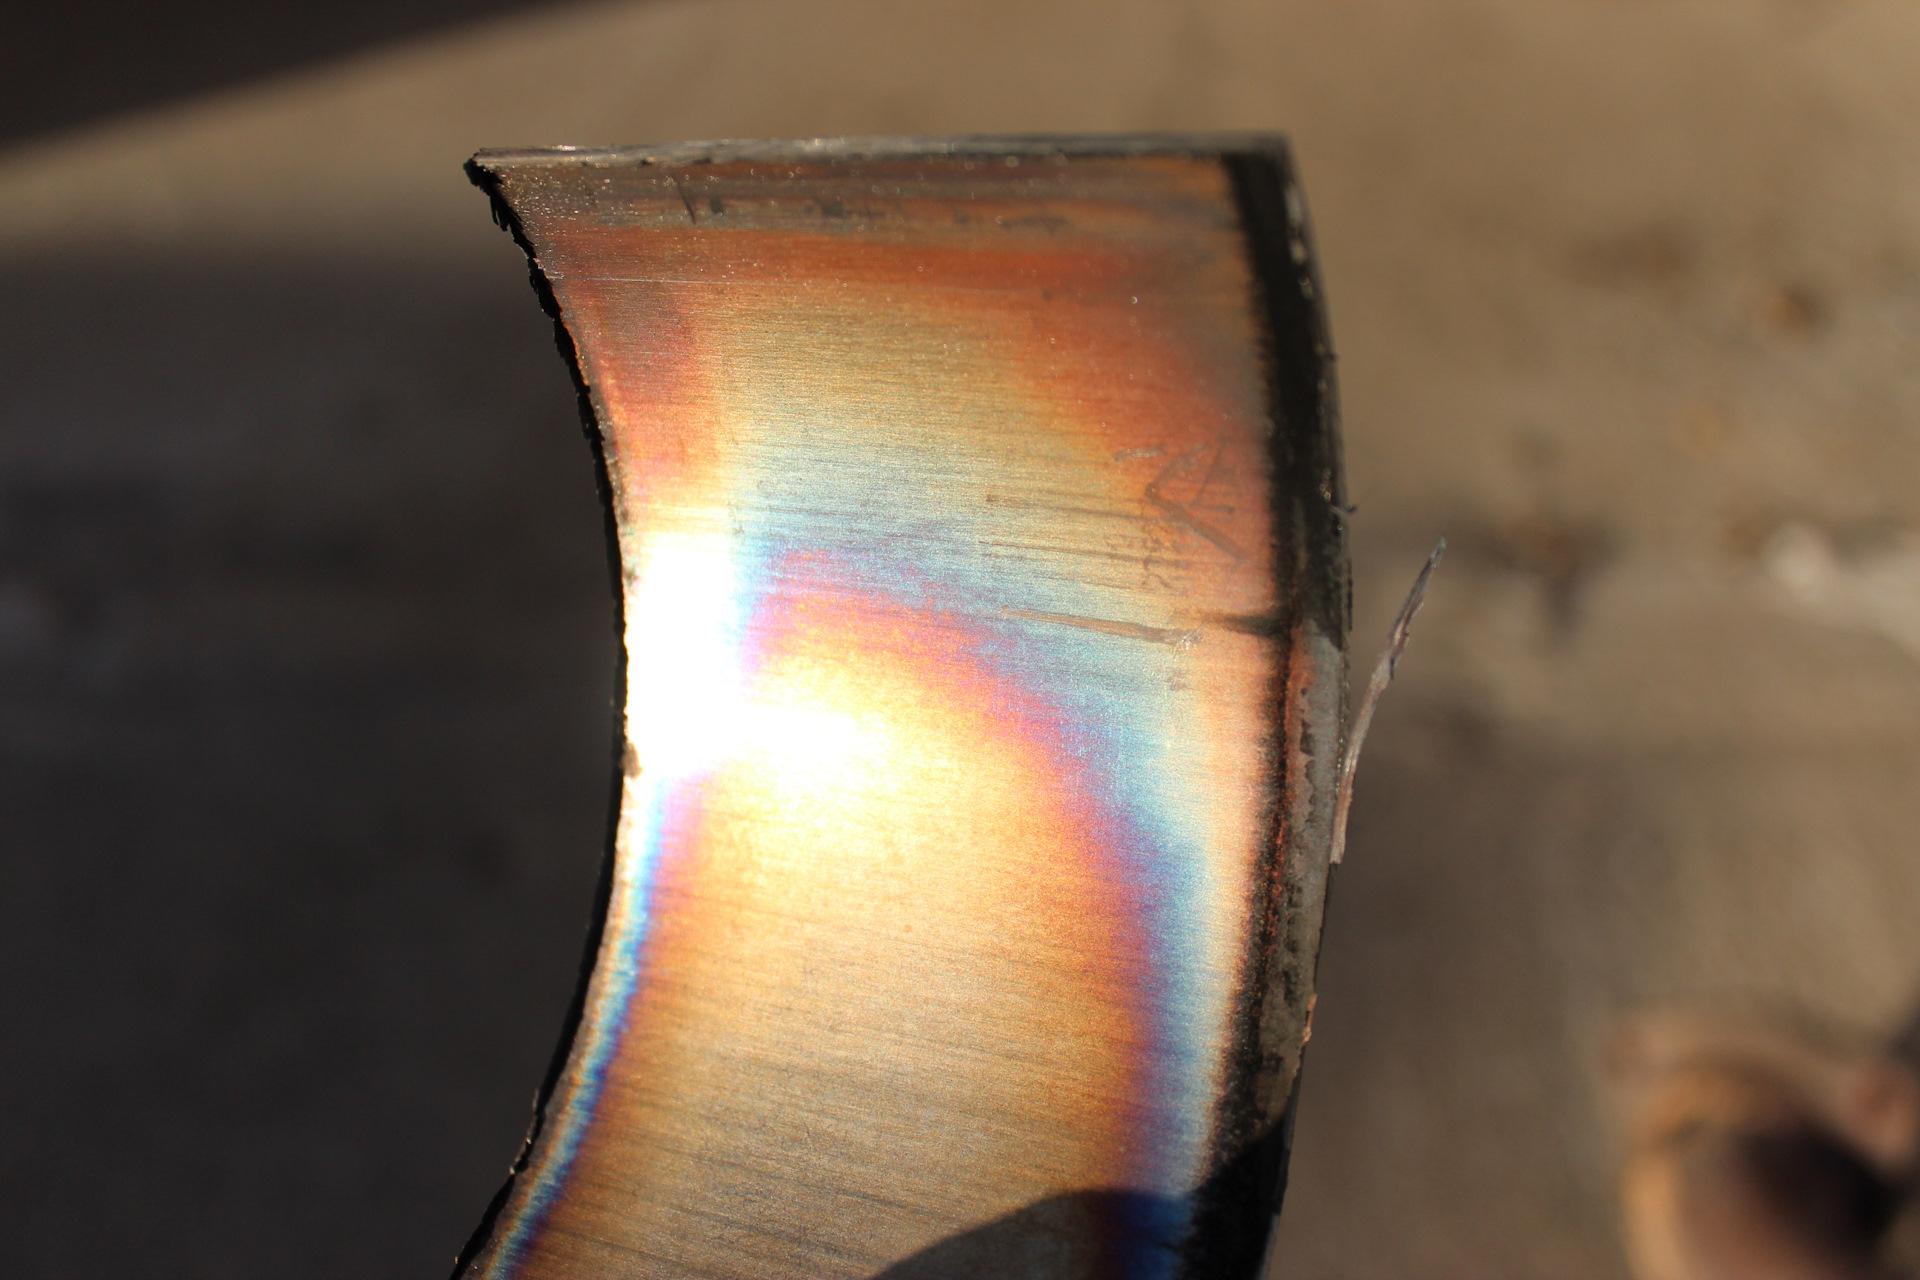 Цвета побежалости металла возникающие в месте перегрева, в результате снижения пропускной способности катализатора